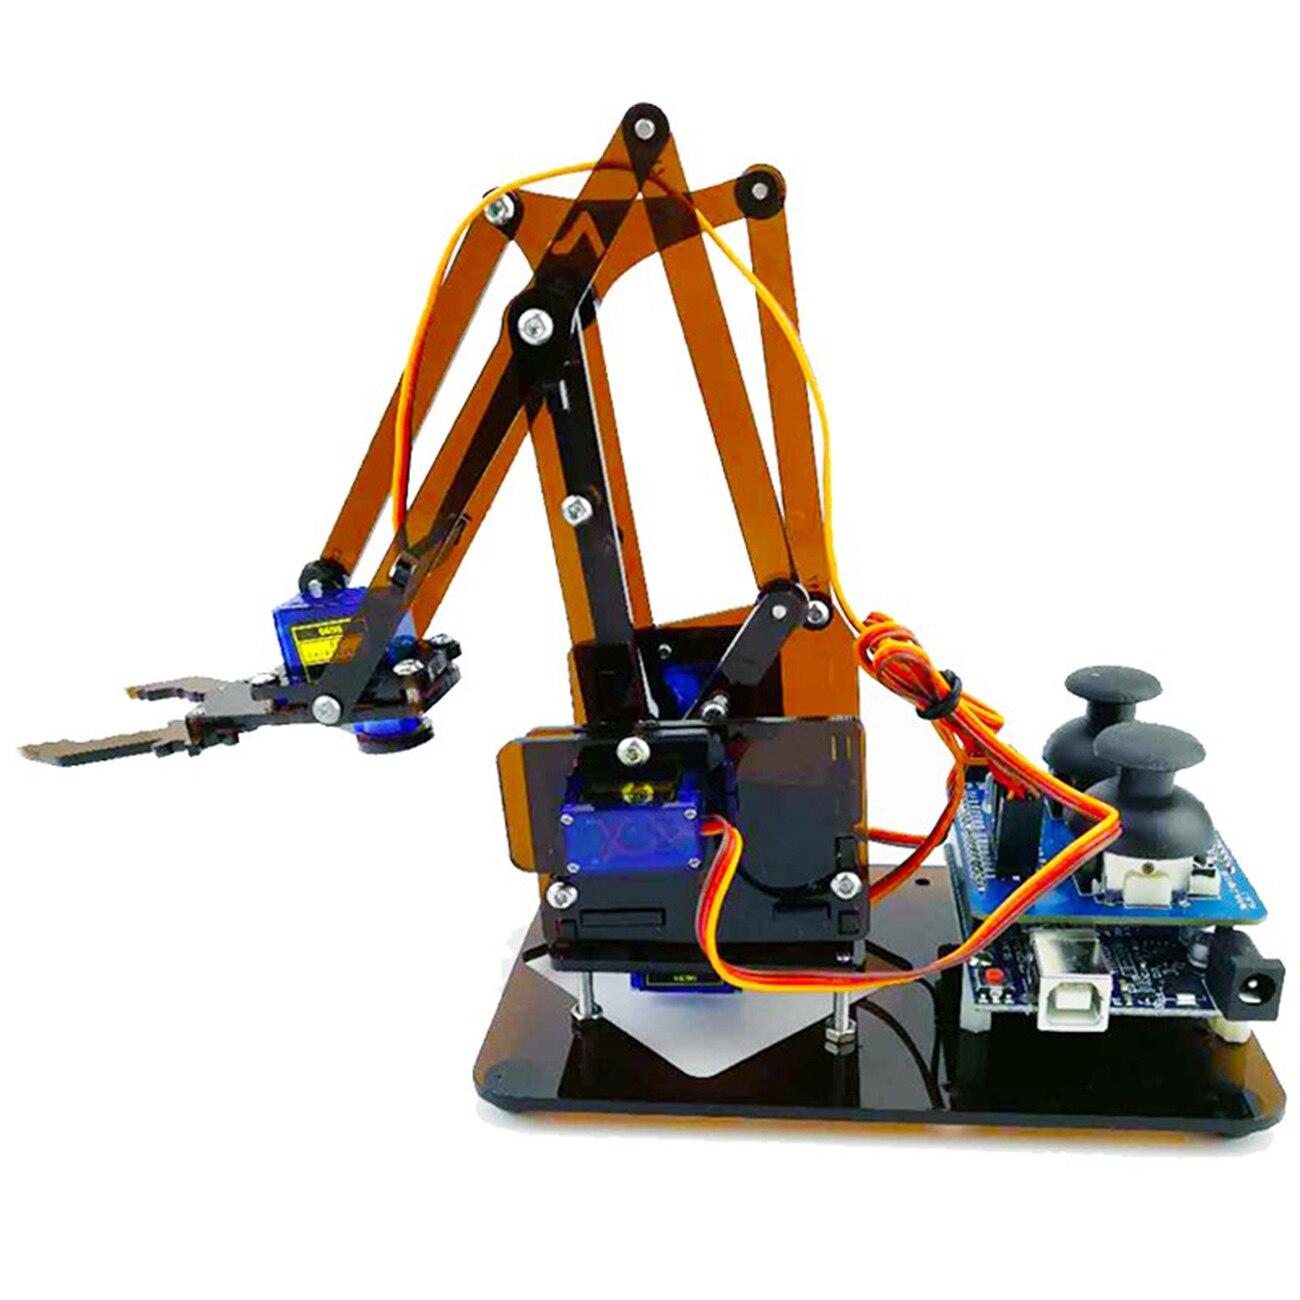 Garra de brazo mecánico robot, de acrílico, Para desmontar, para arduino maker, kit de robot de aprendizaje diy, 4 dof